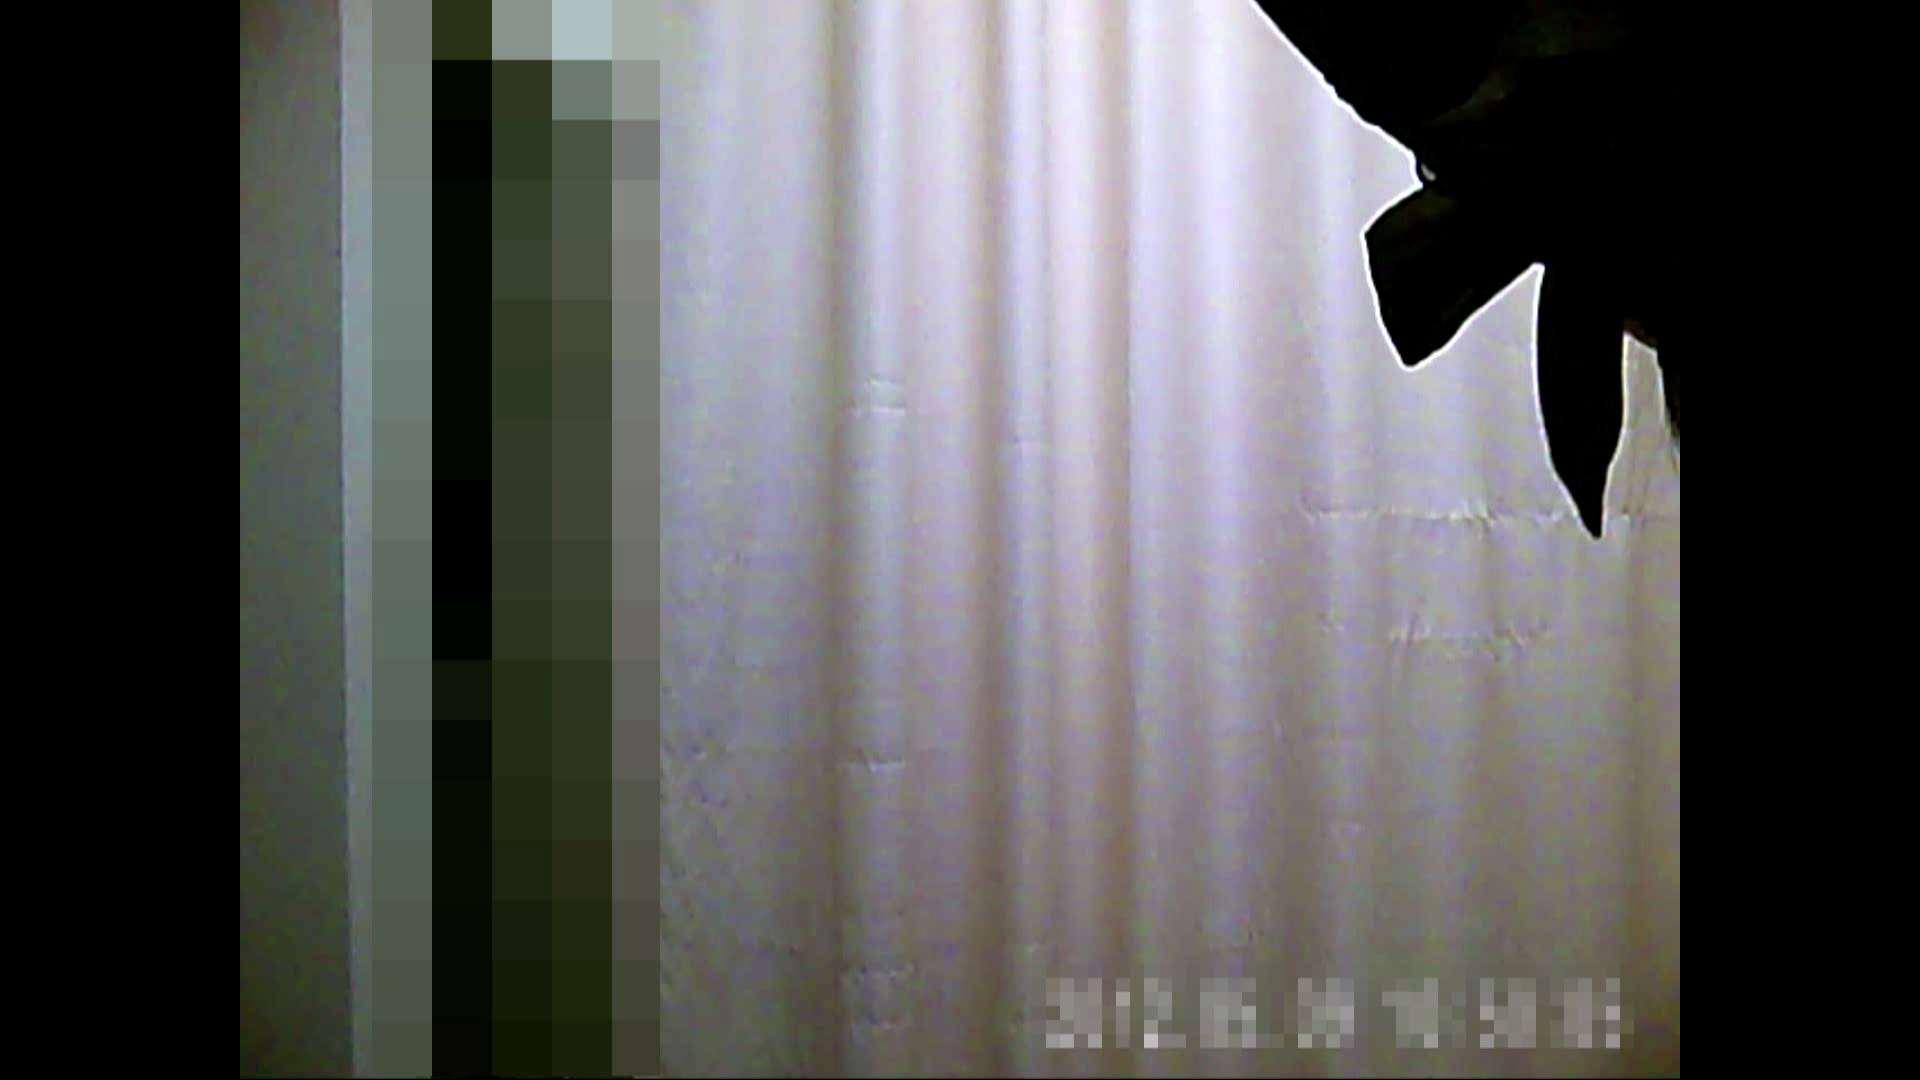 元医者による反抗 更衣室地獄絵巻 vol.267 OLハメ撮り  81Pix 71